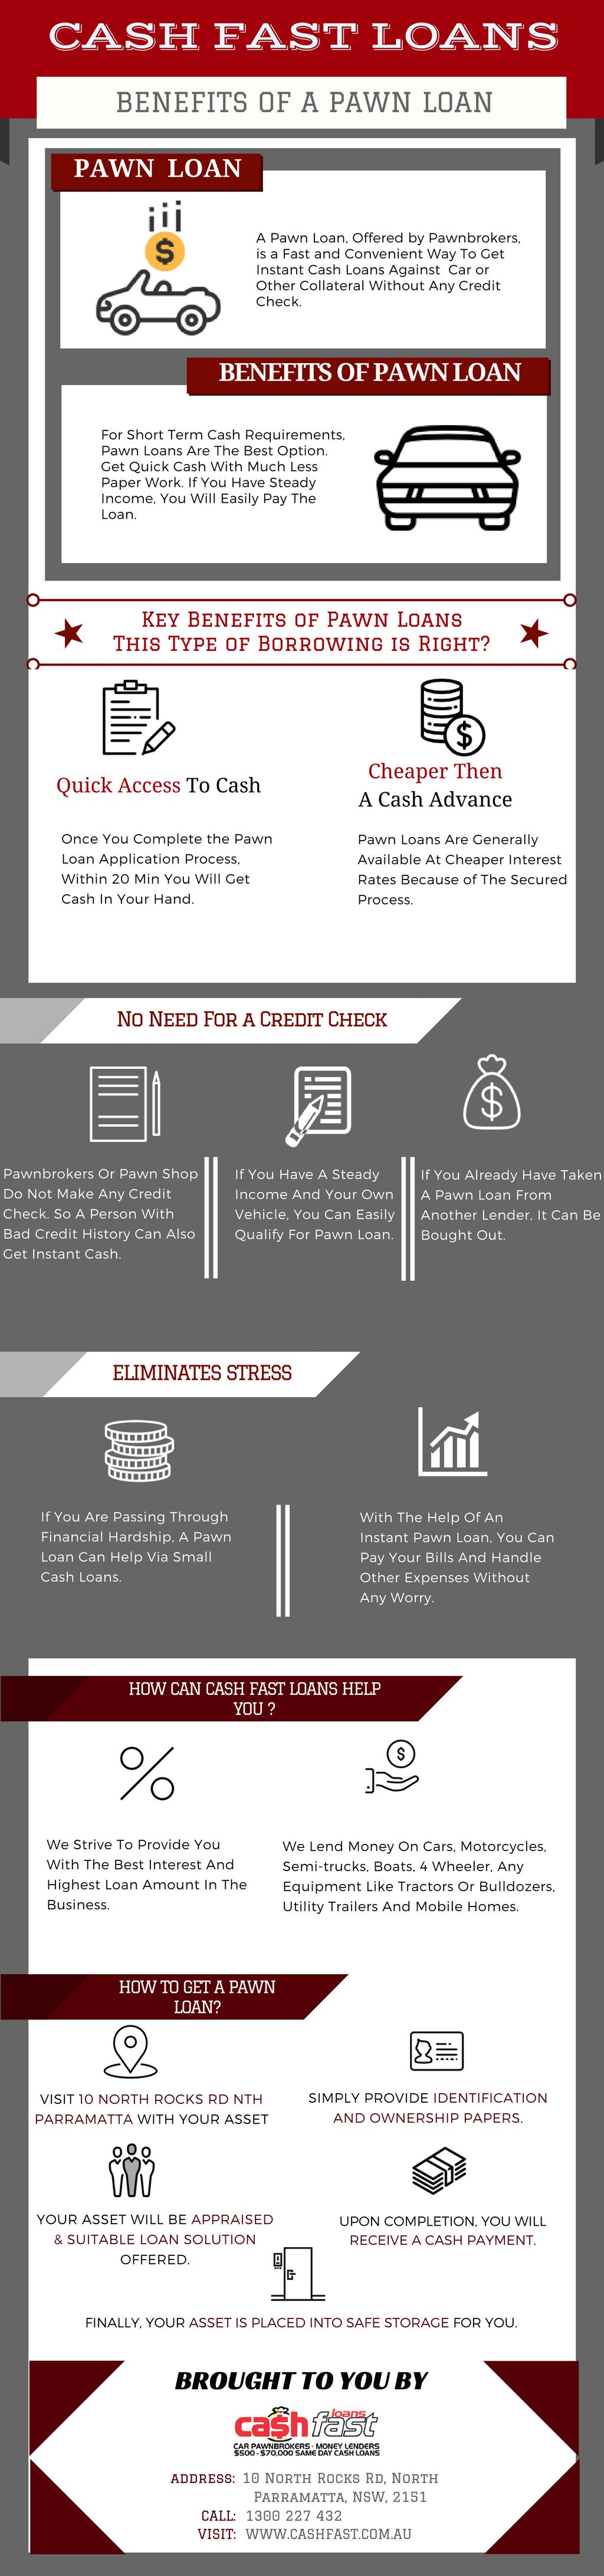 Cash-Fast-Loans-Pawn-Loan